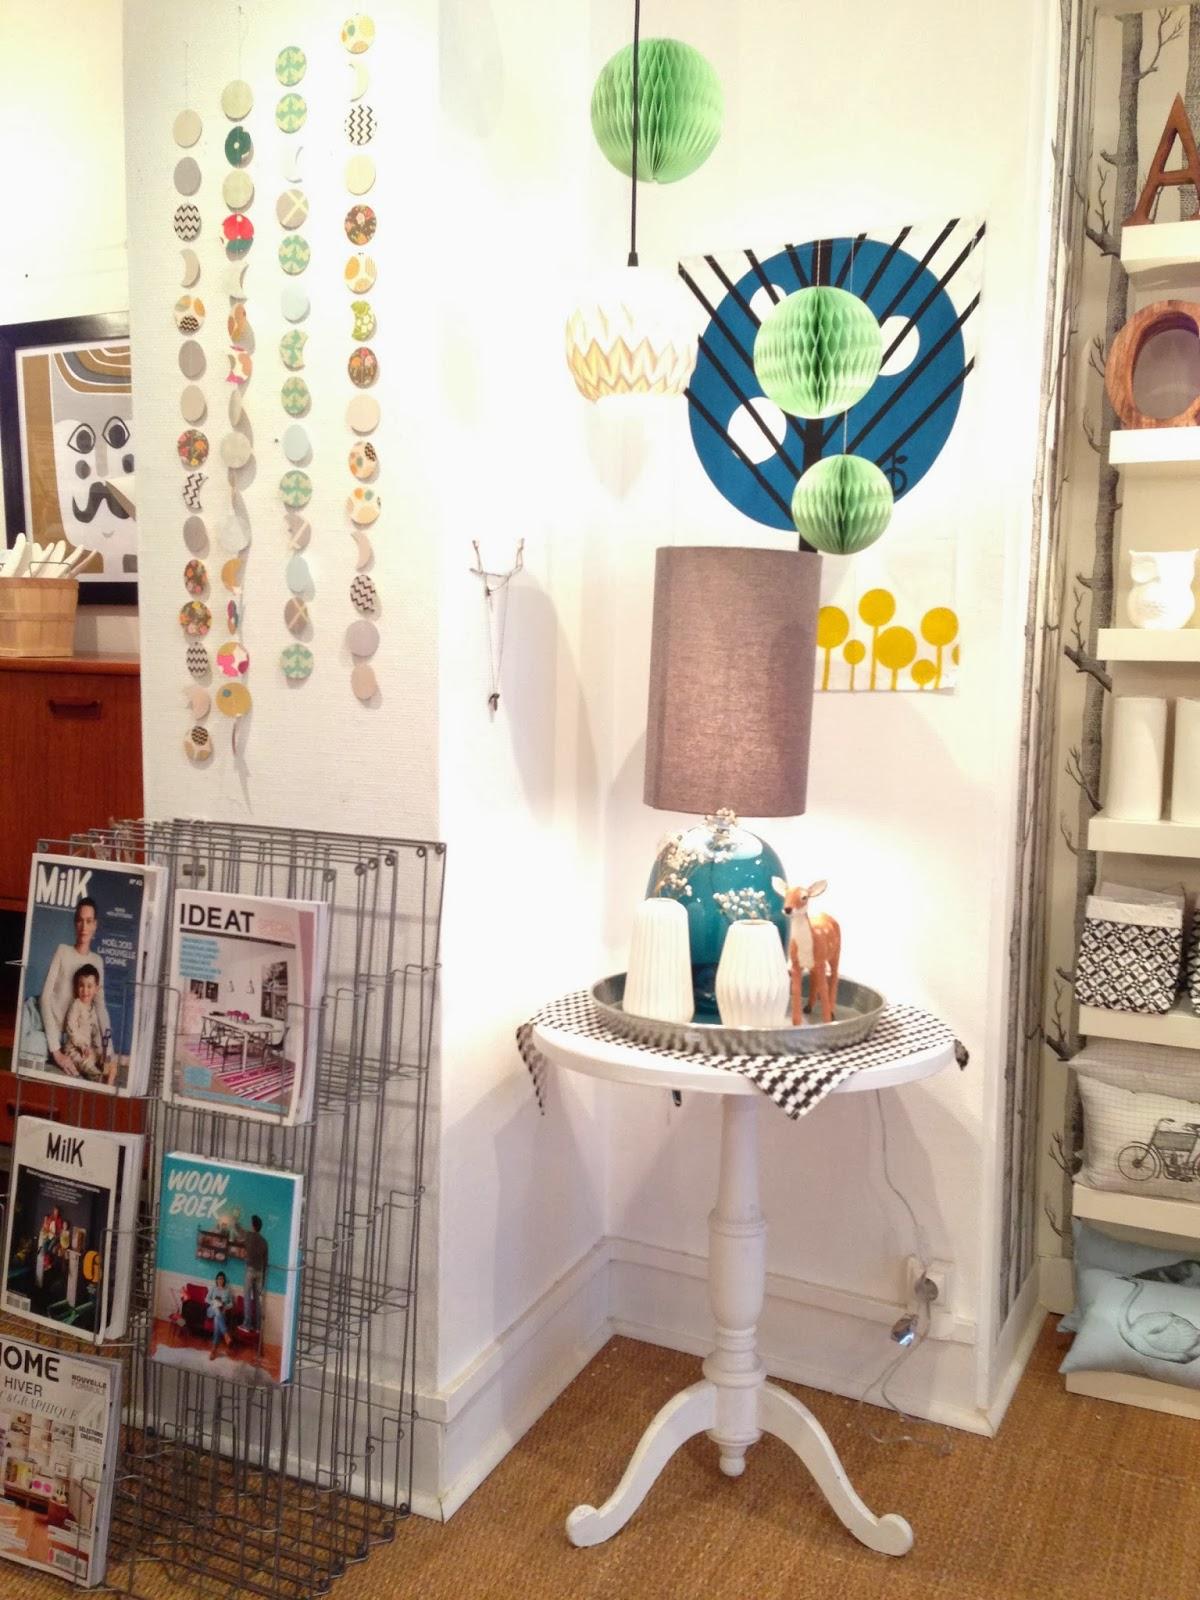 Home scandinave la boutique d 39 inspiration nordique - Boutique scandinave en ligne ...